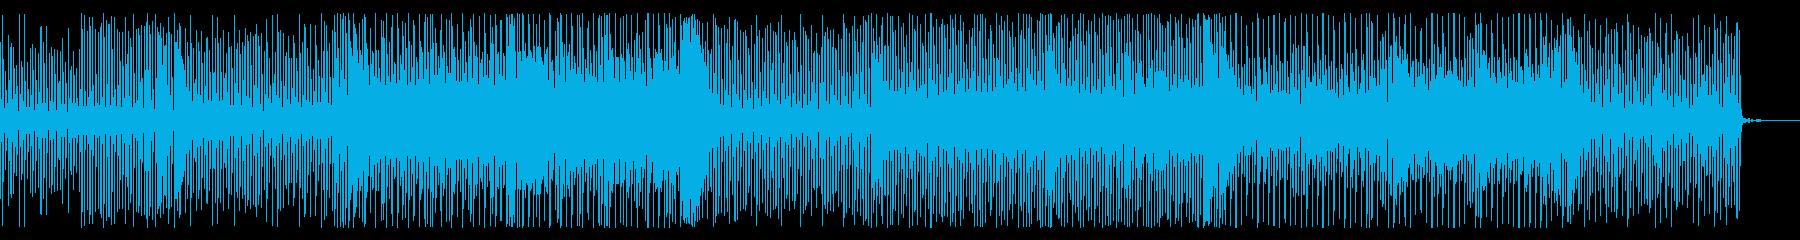 全力で急がされている感じの曲の再生済みの波形